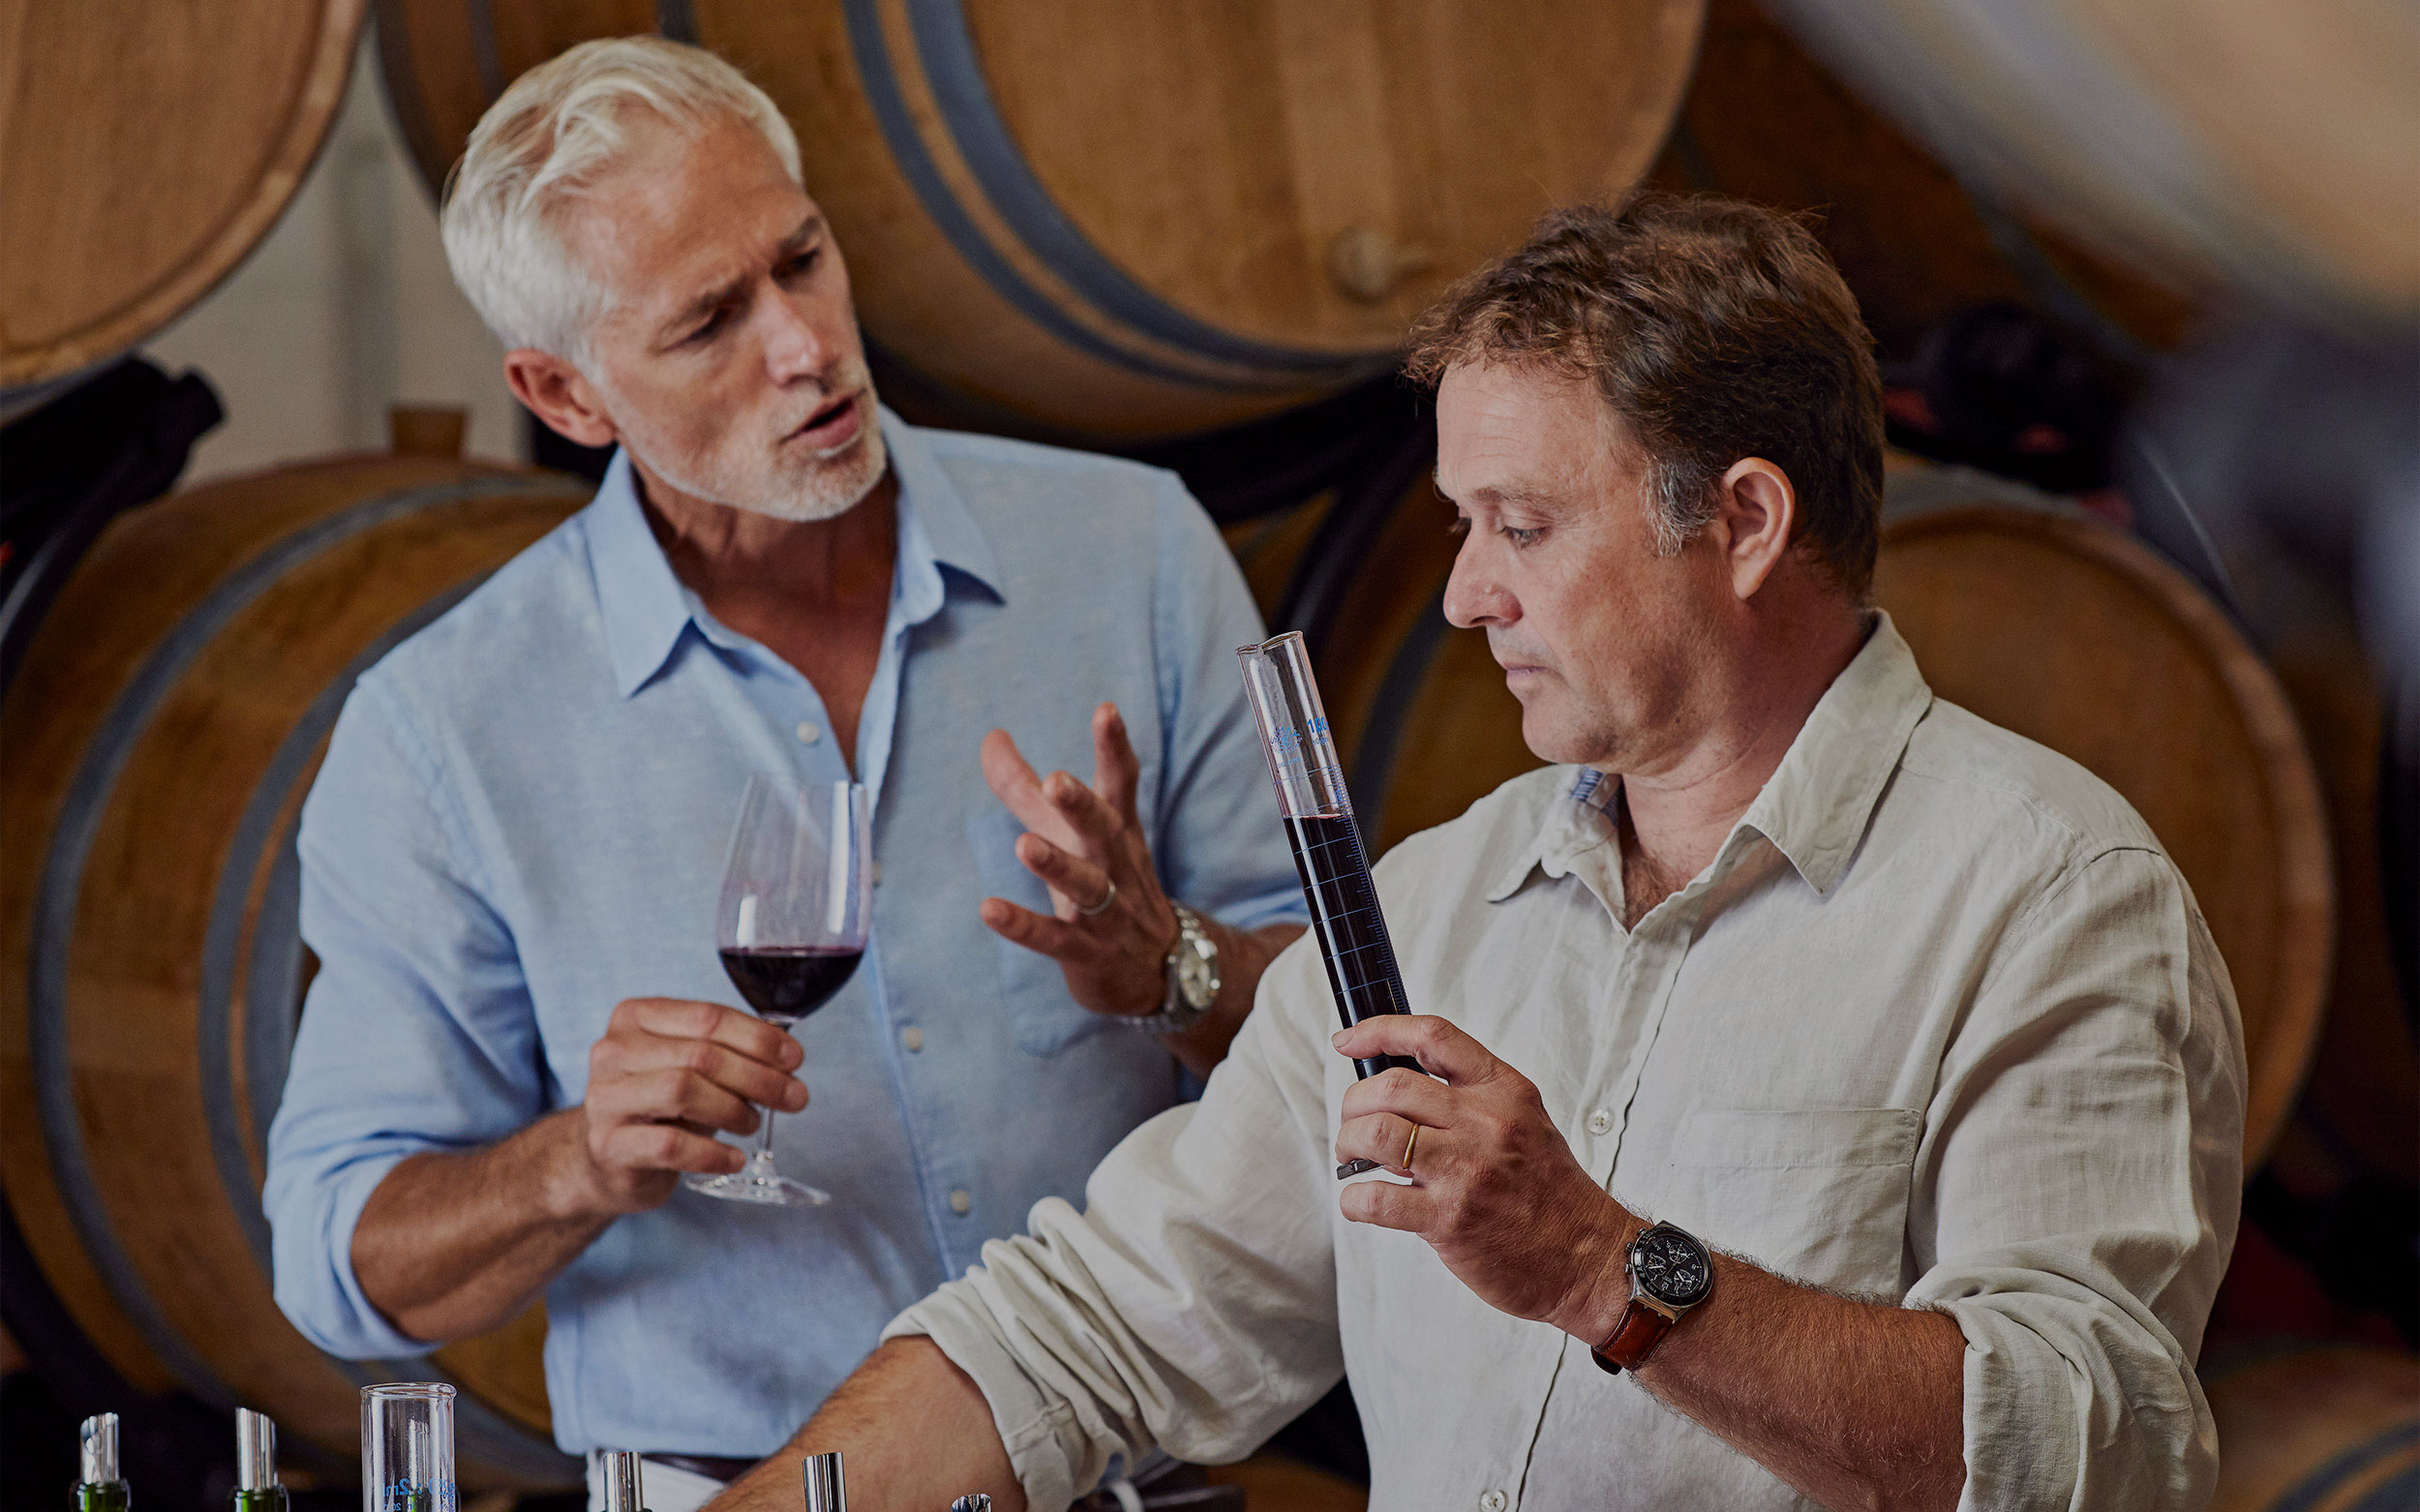 Blending bespoke wine with expert Eric Boissenot